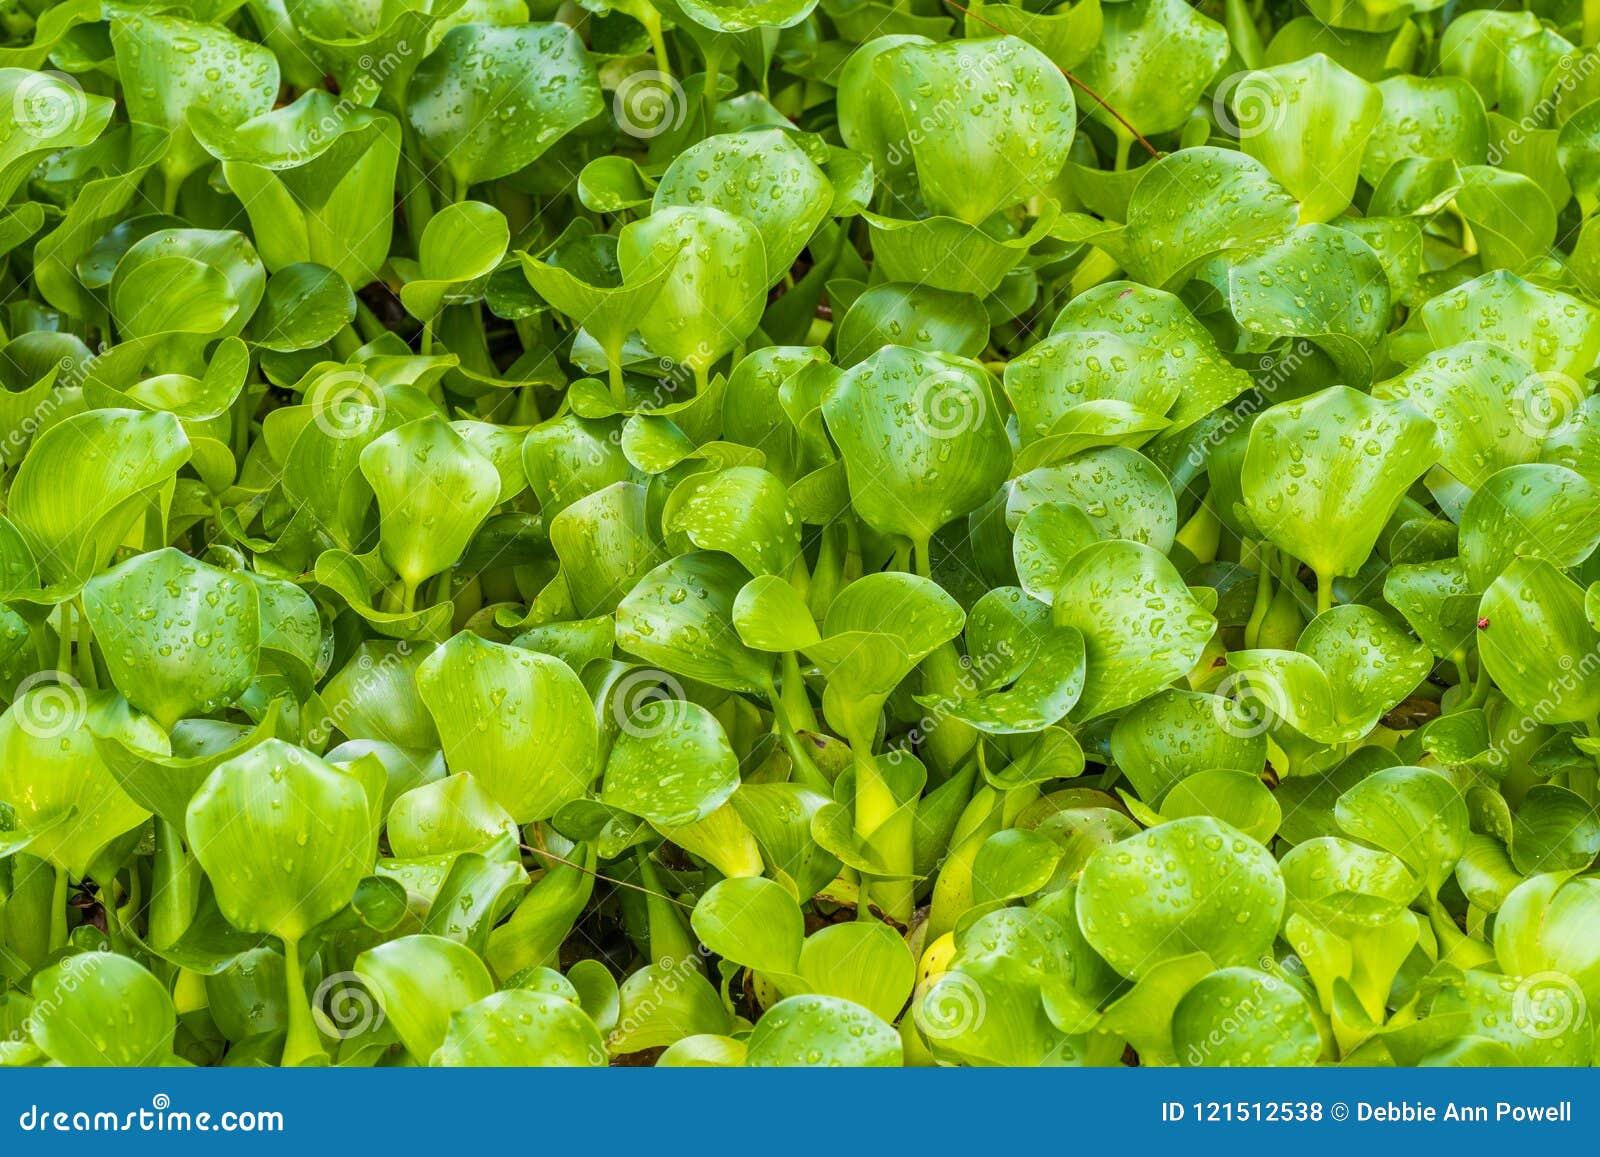 Estações de tratamento de água selvagens do jacinto comum com gotas da chuva